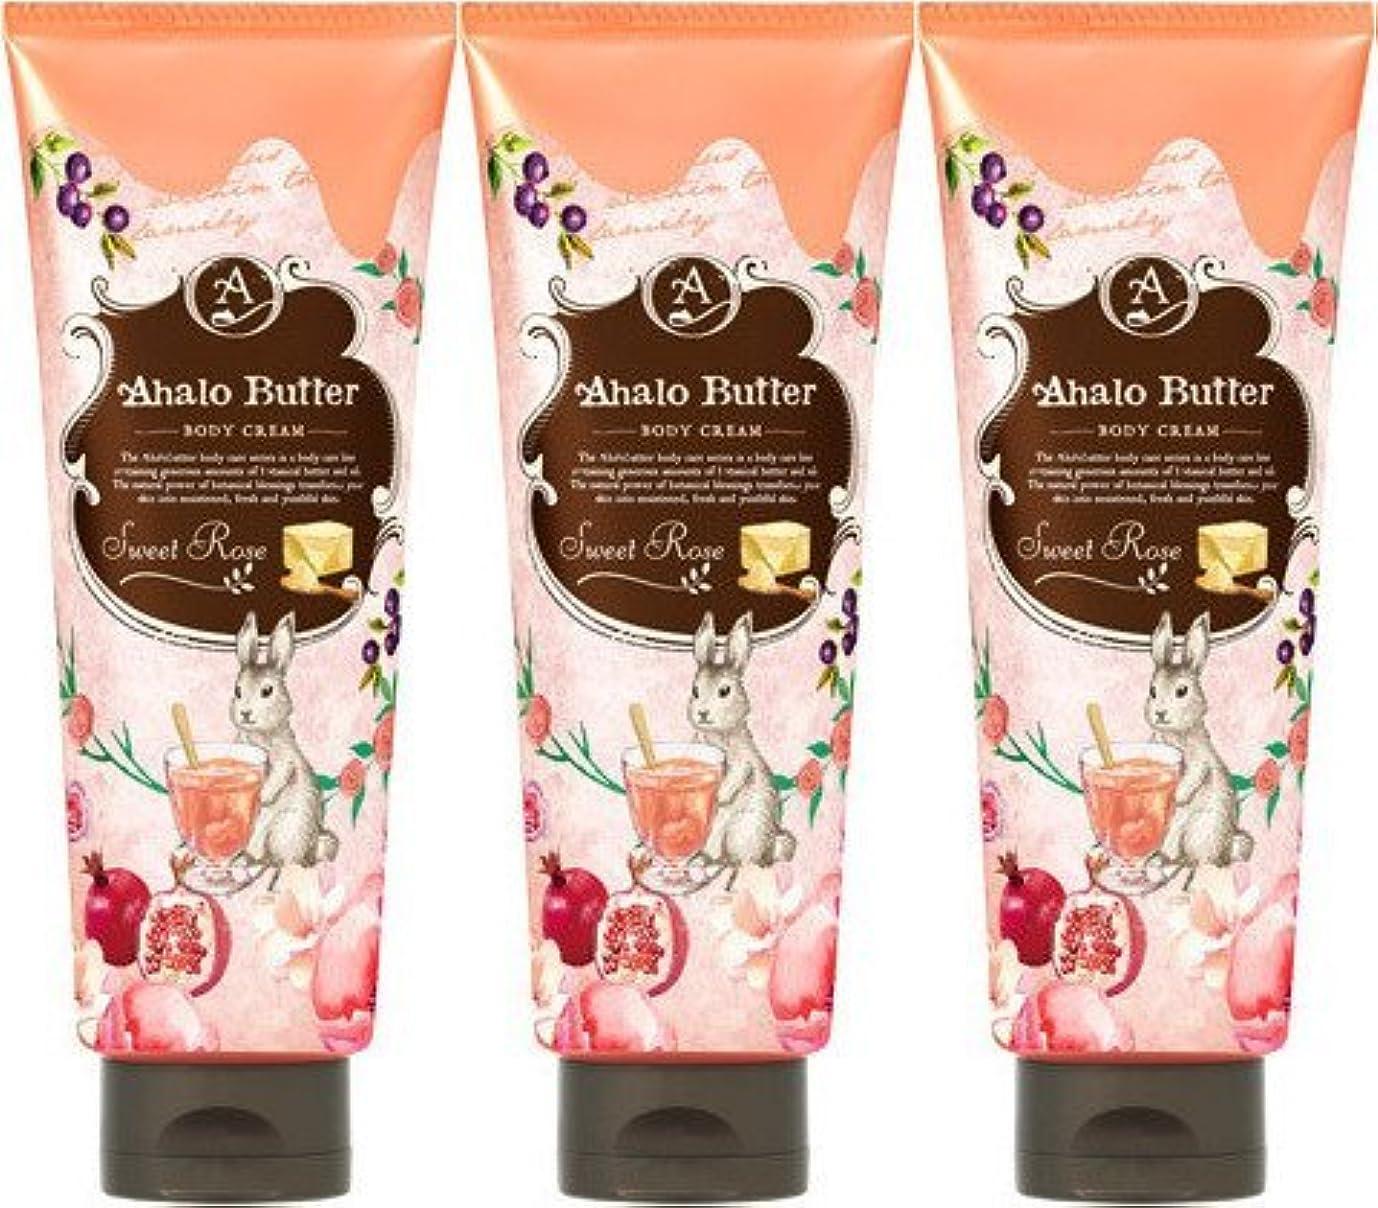 改革モノグラフもつれ【3個セット】Ahalo butter(アハロバター) ボディクリーム スウィートローズ 150g